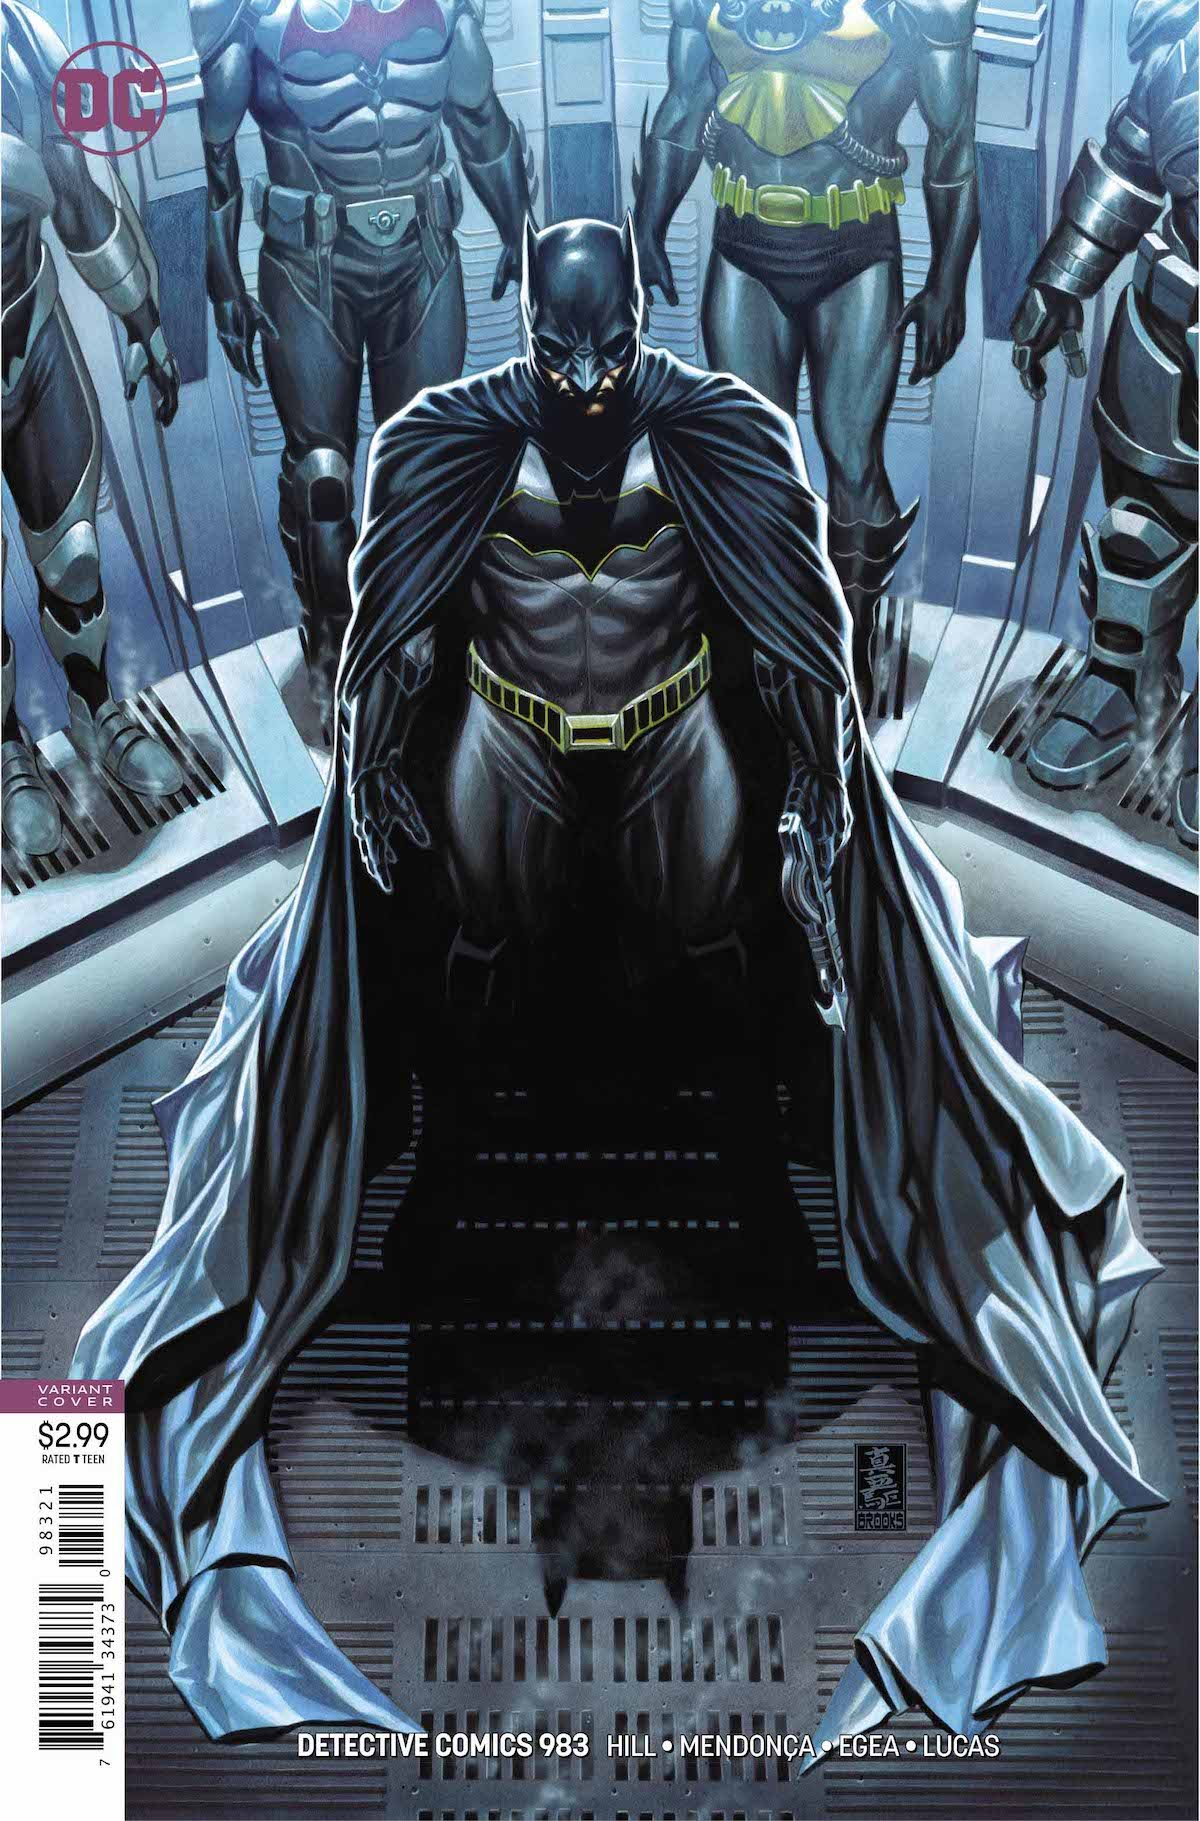 Detective Comics #983 variant cover